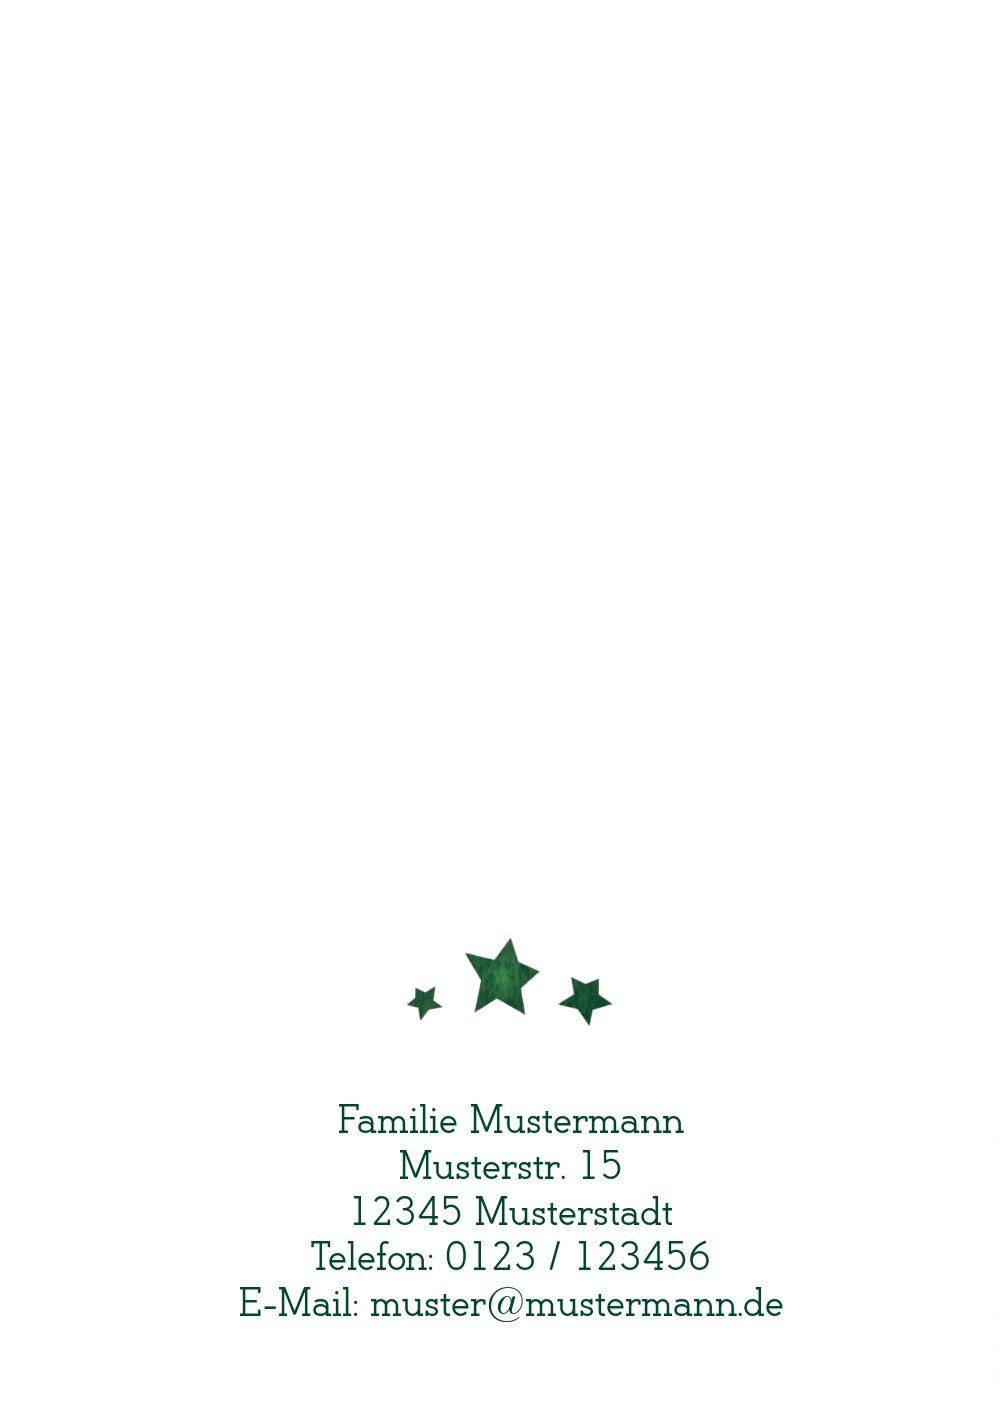 Ansicht 2 - Weihnachtsgrußkarte Letterbaum